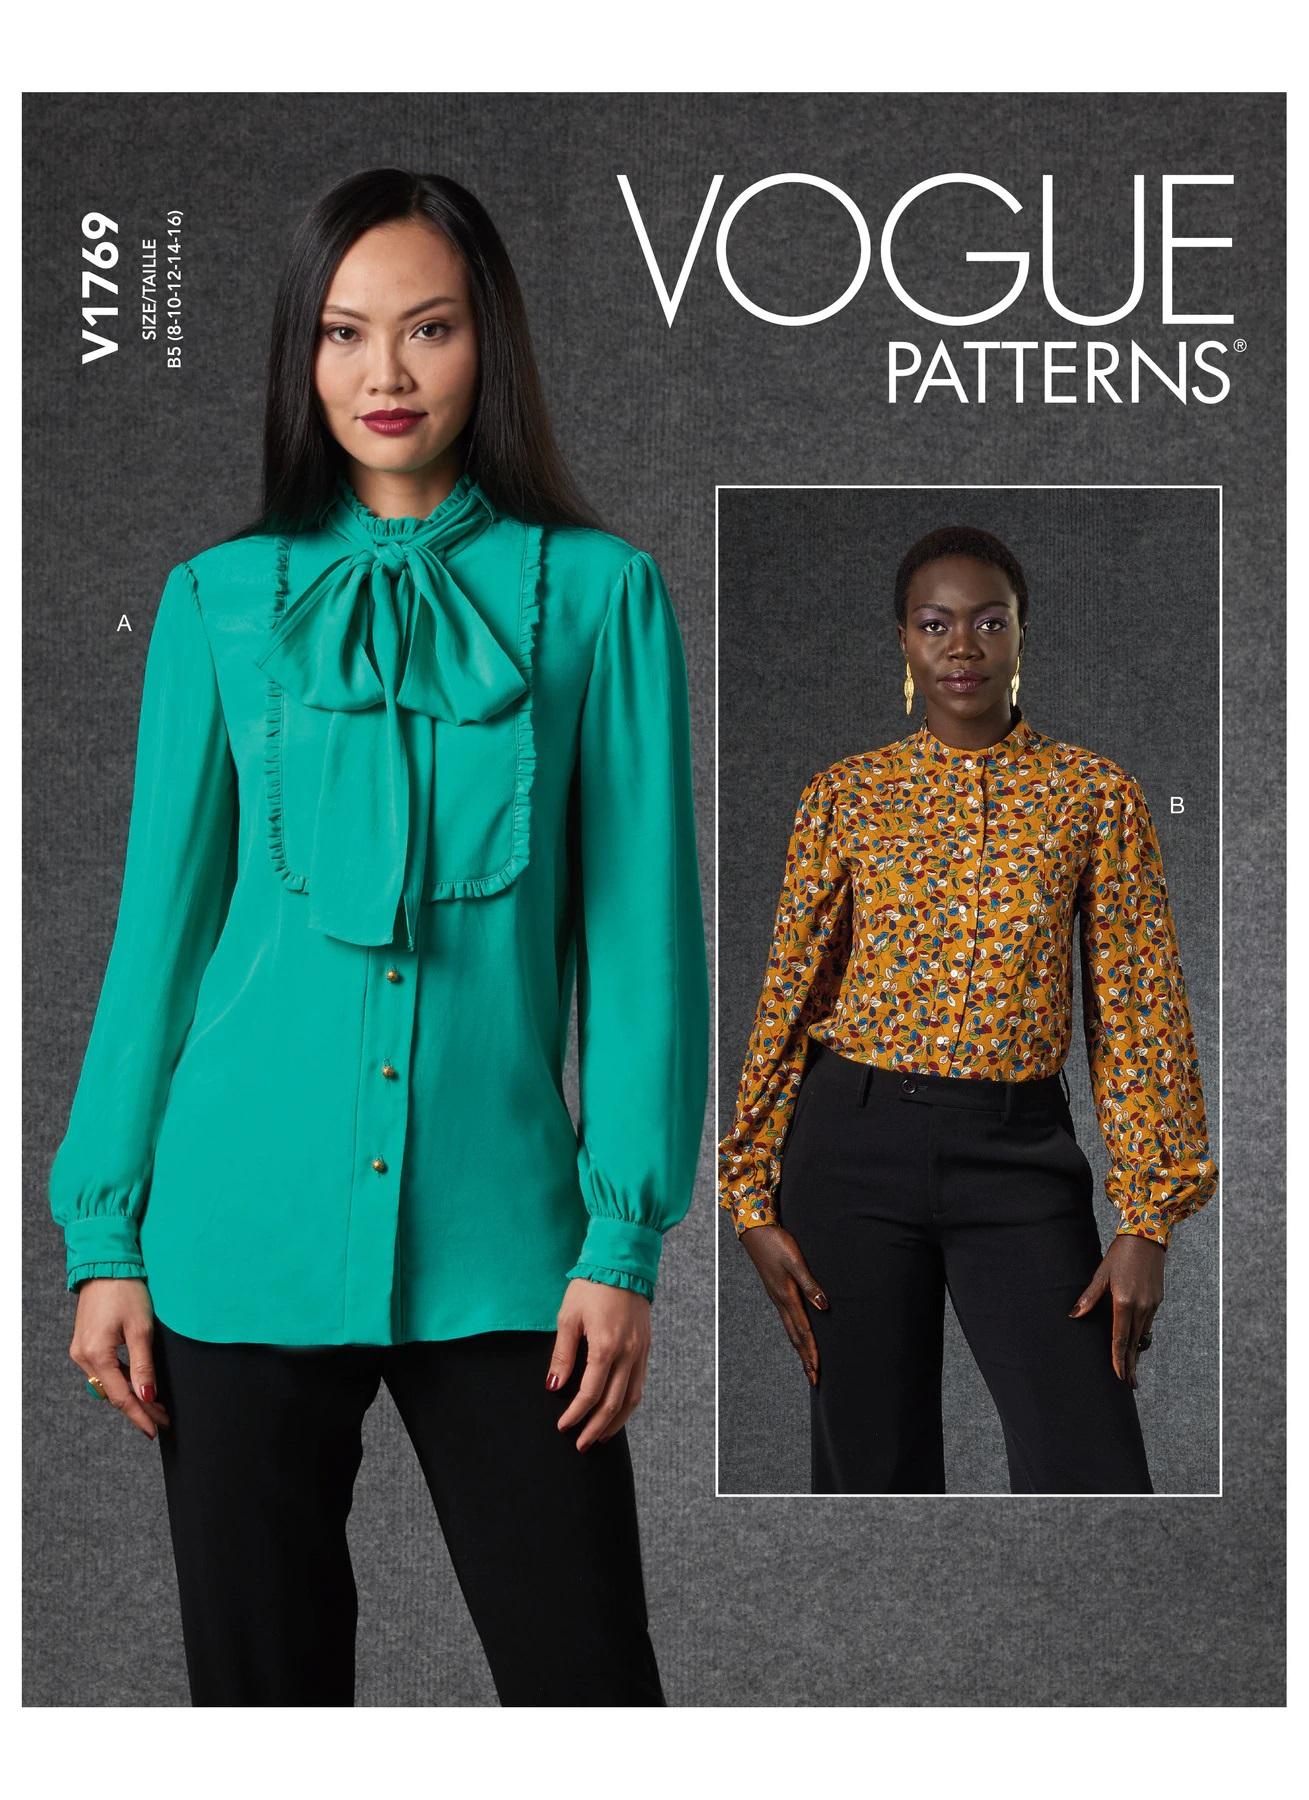 Vogue Patterns 12 Misses' Blouse